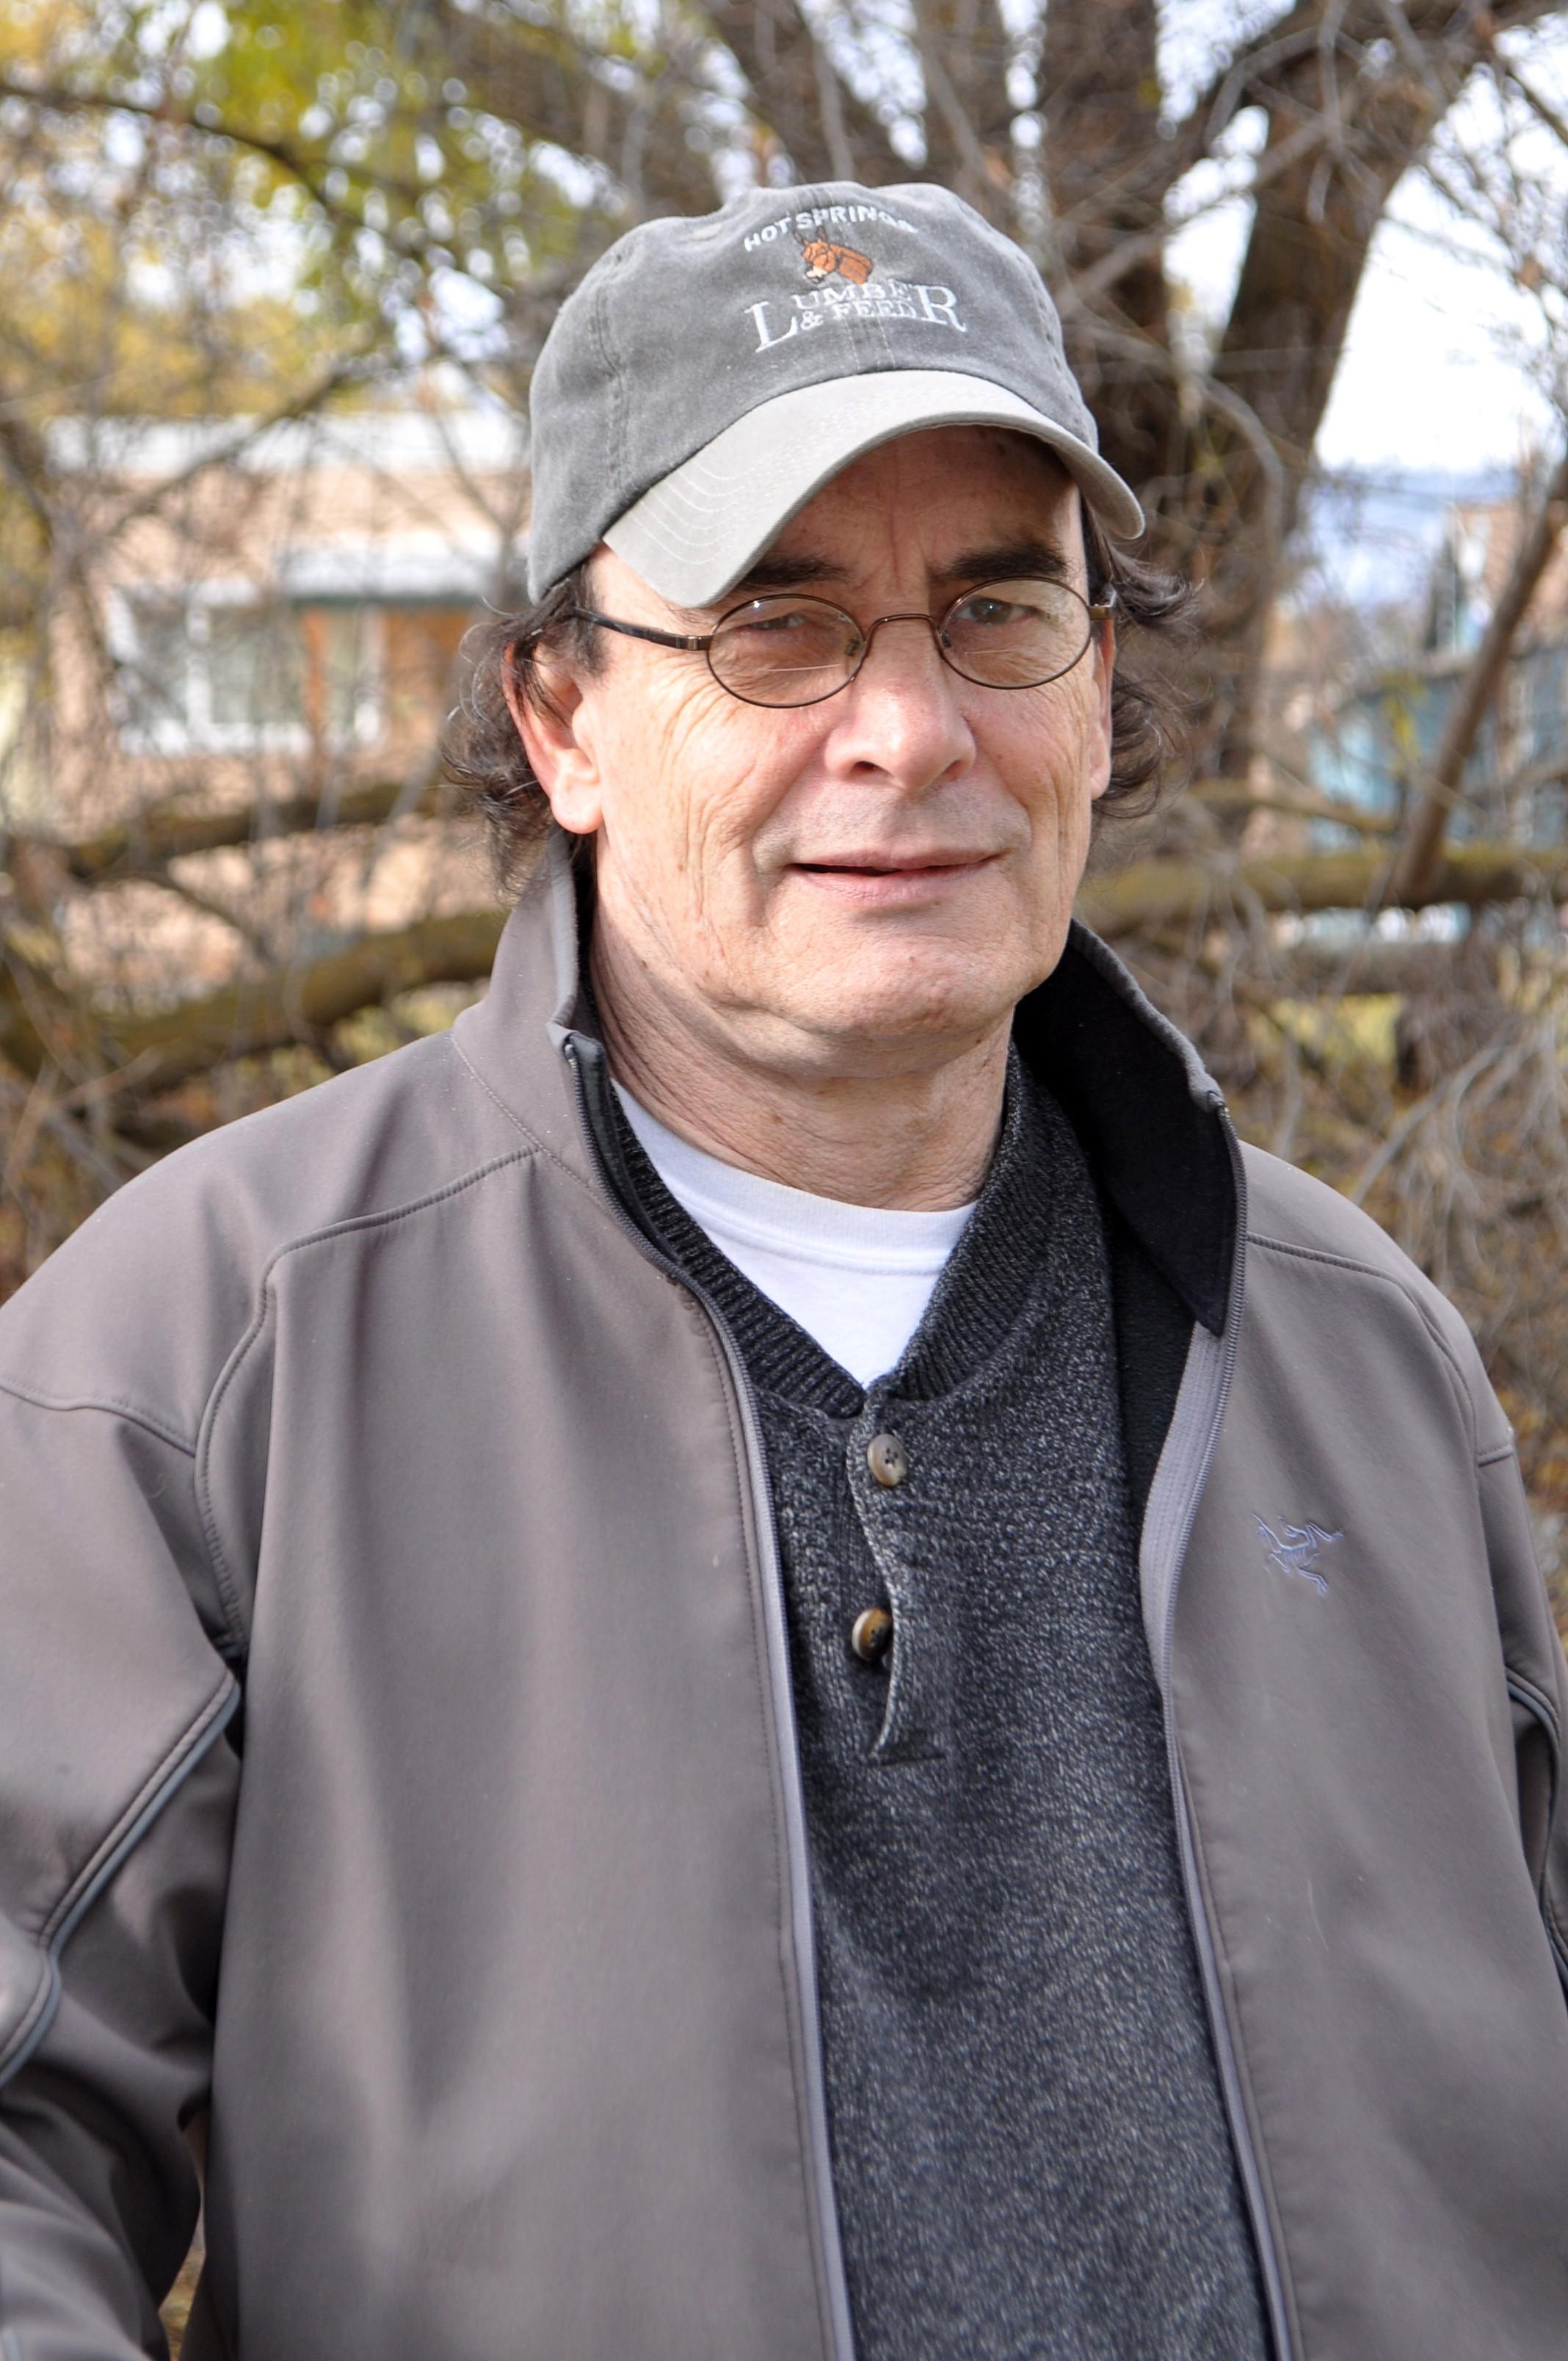 Matt Pavelich